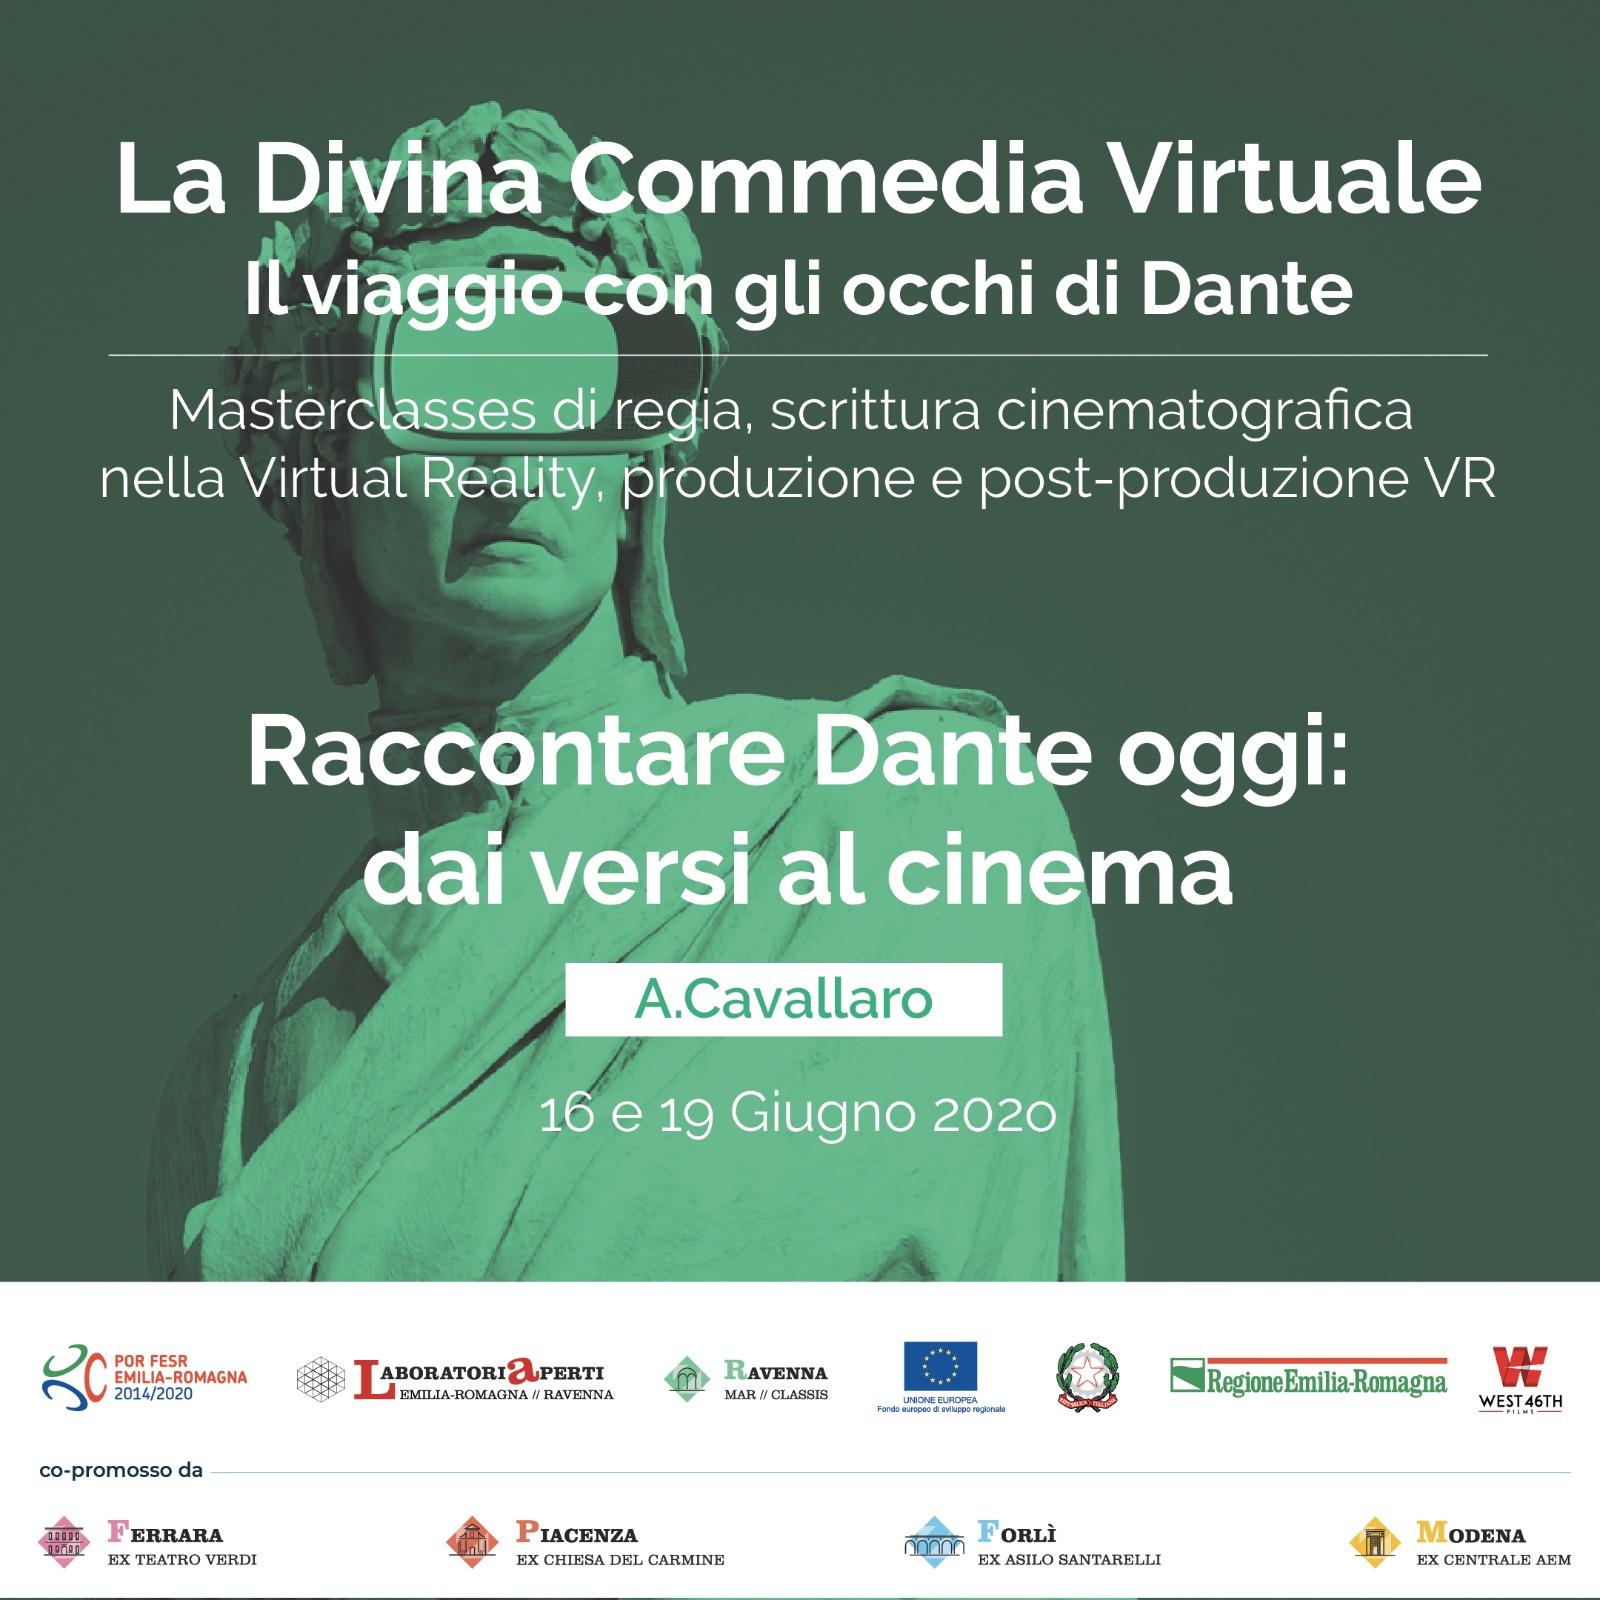 La Divina Commedia Virtuale -Raccontare Dante oggi: dai versi al cinema